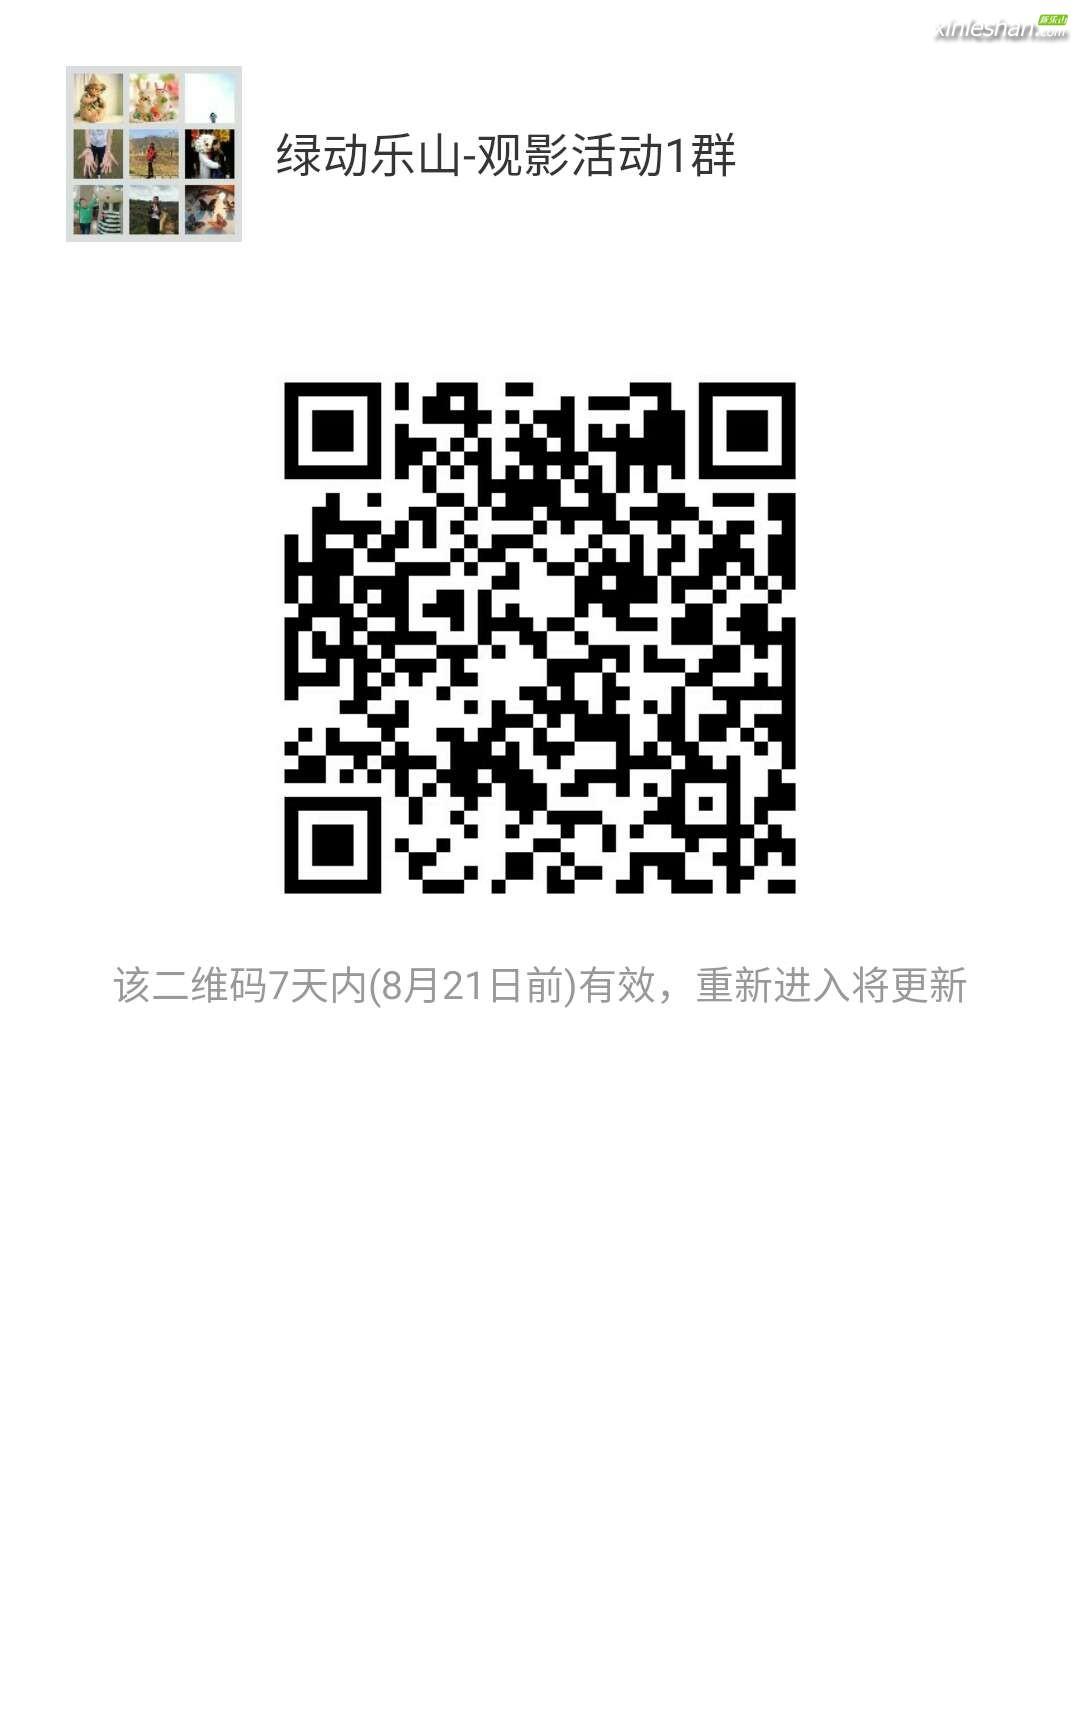 1471176596405.jpg